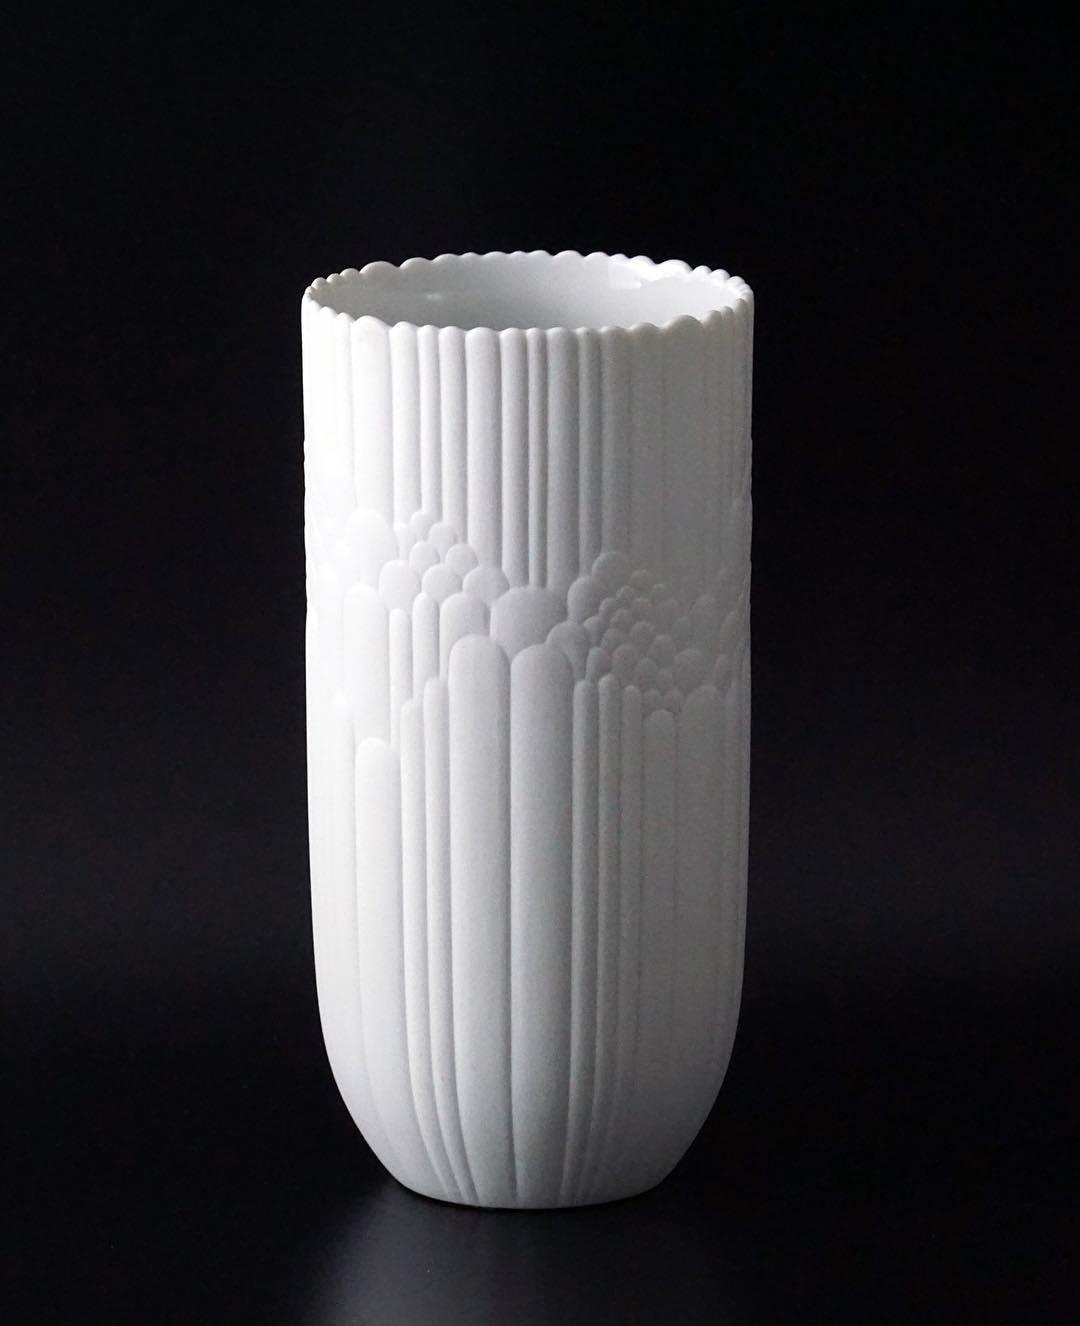 rosenthal studio line germany vase of modernistvase hash tags deskgram with regard to vintage rosenthal studio line germany rosamunde nairac matte white vase rosamundenairac whitevase rosenthalstudioline